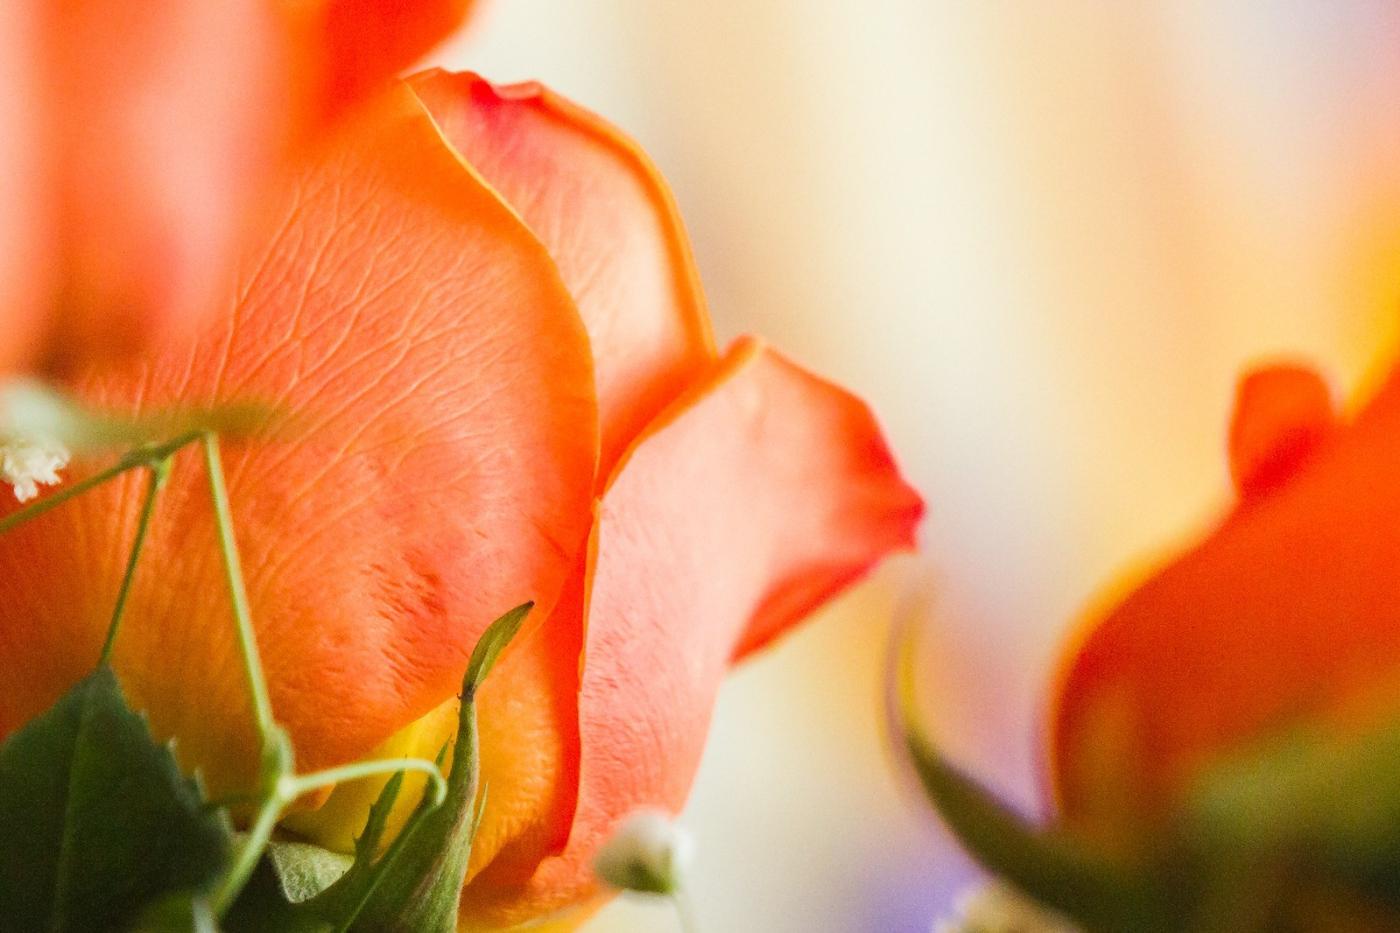 情人节你送花了吗?_图1-3